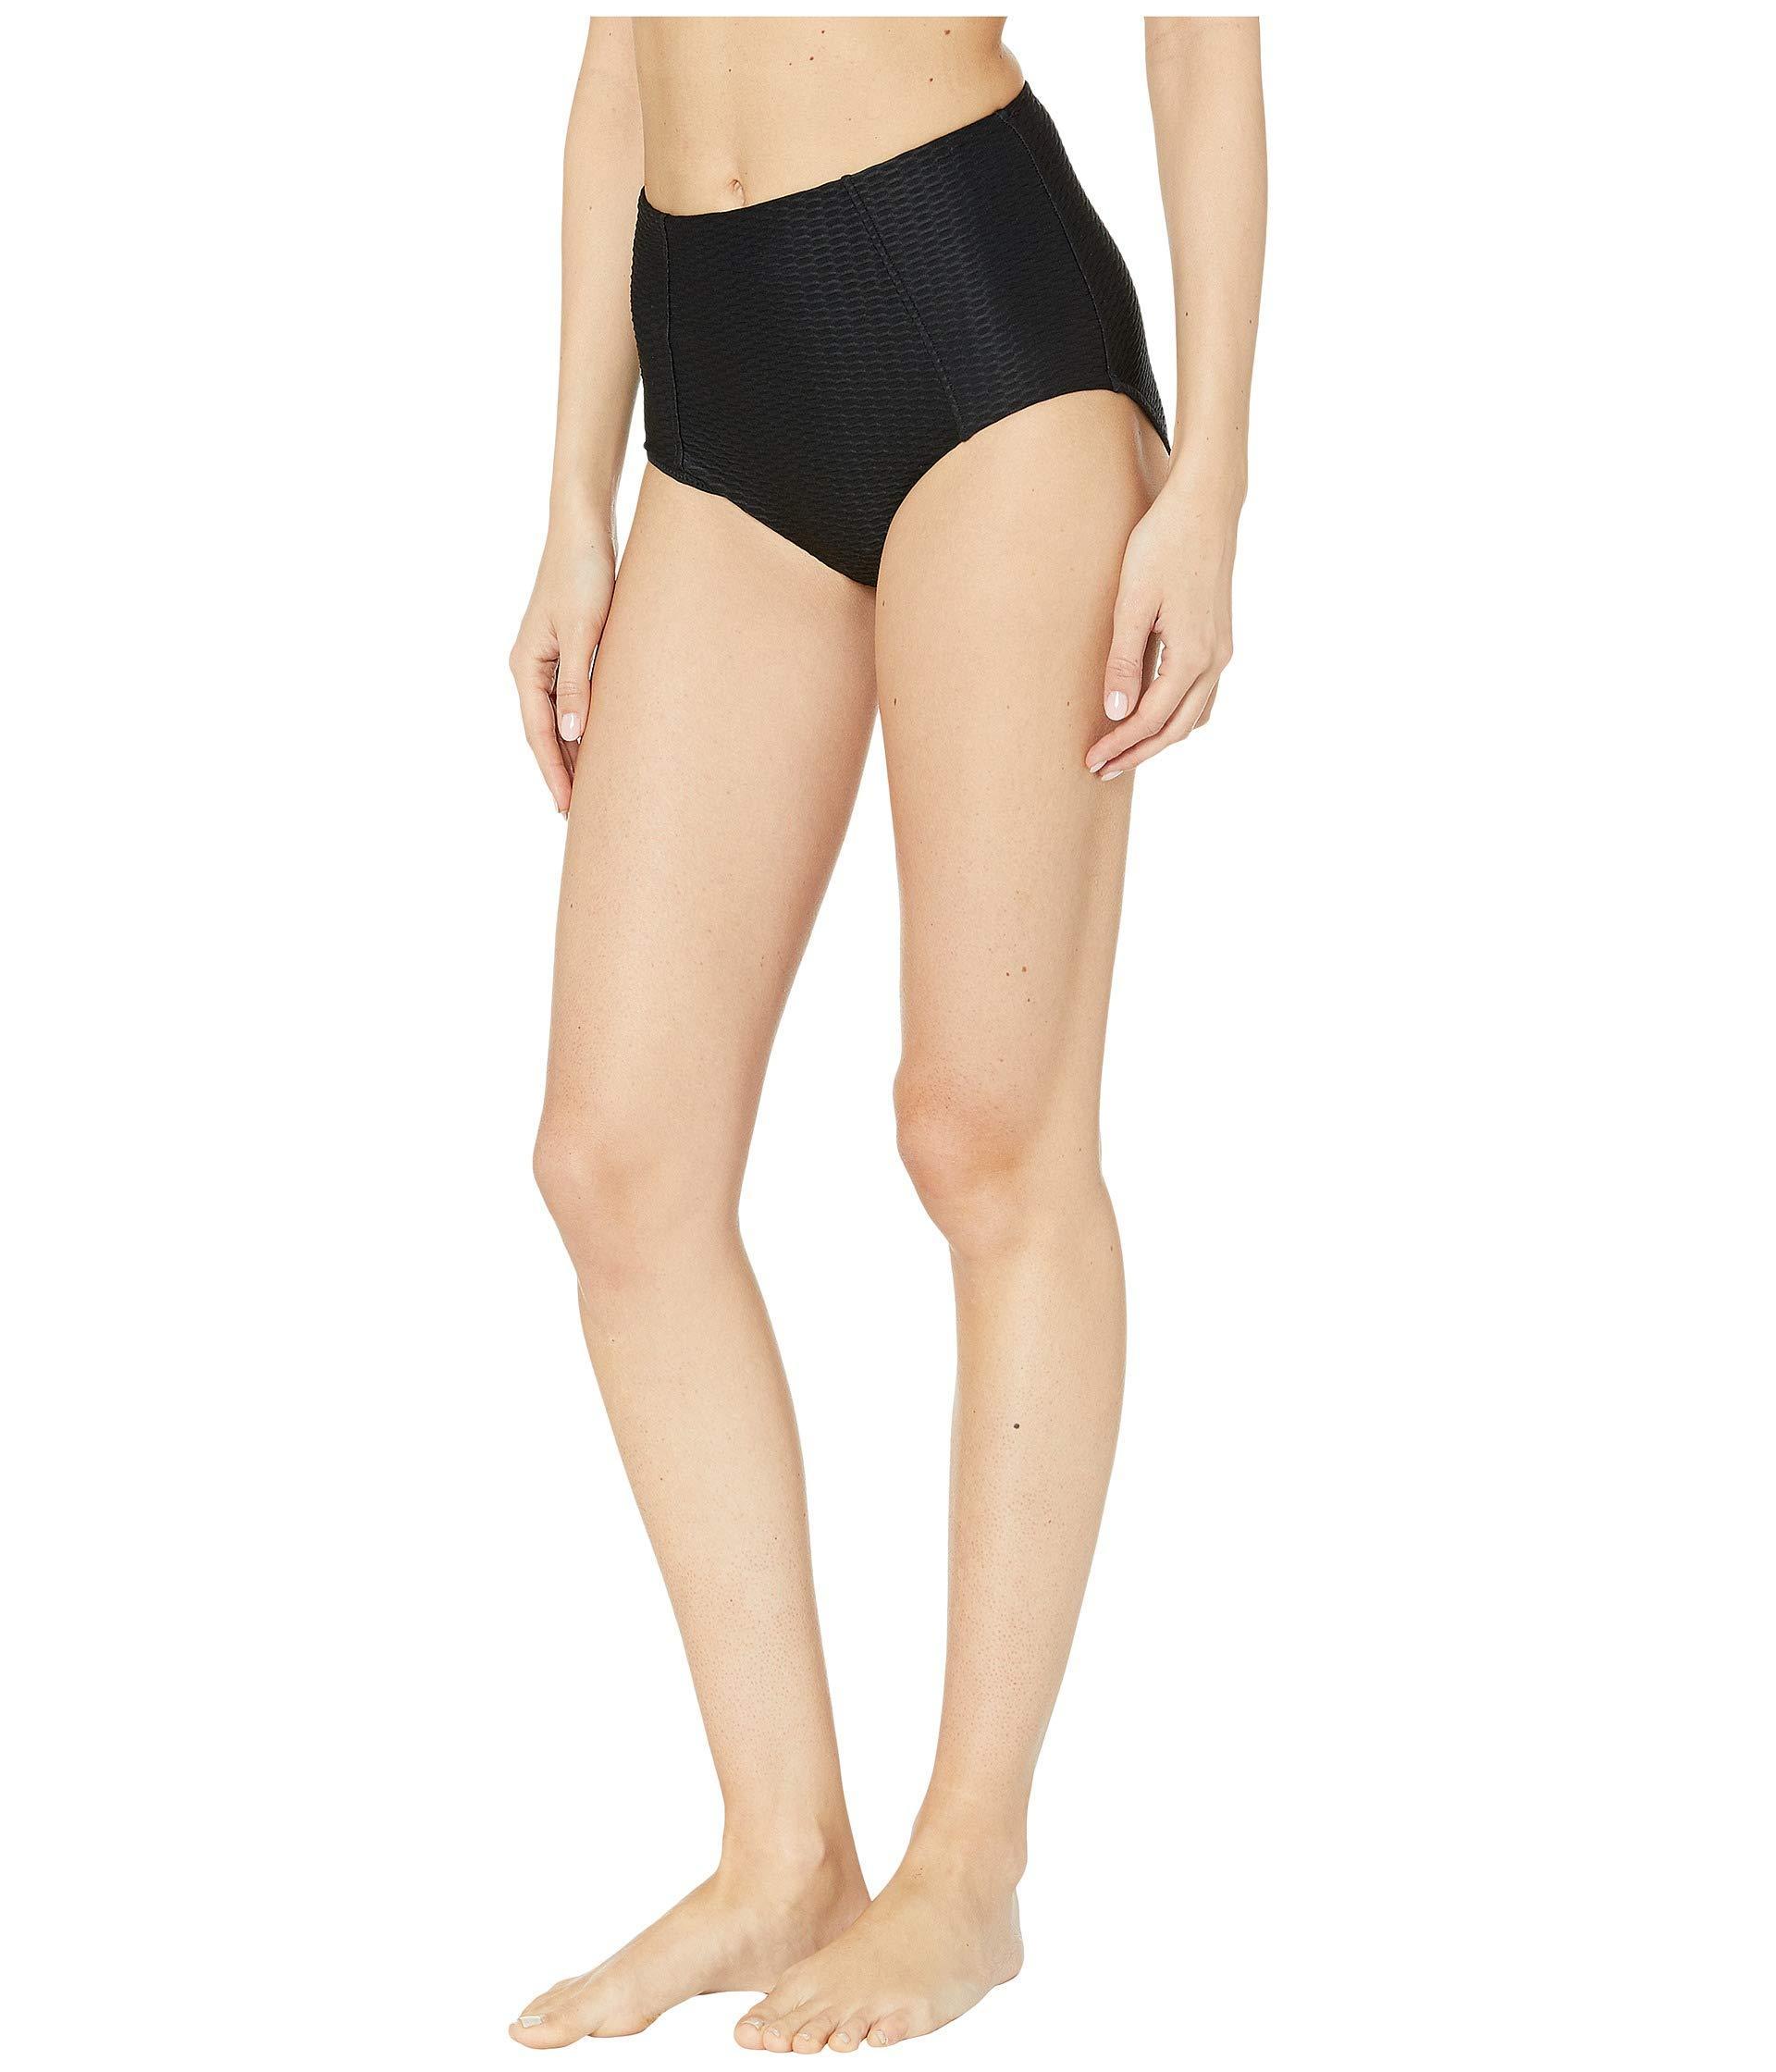 47631d62e88be Seafolly La Luna High Waisted Bikini Pants (black) Women's Swimwear in Black  - Lyst